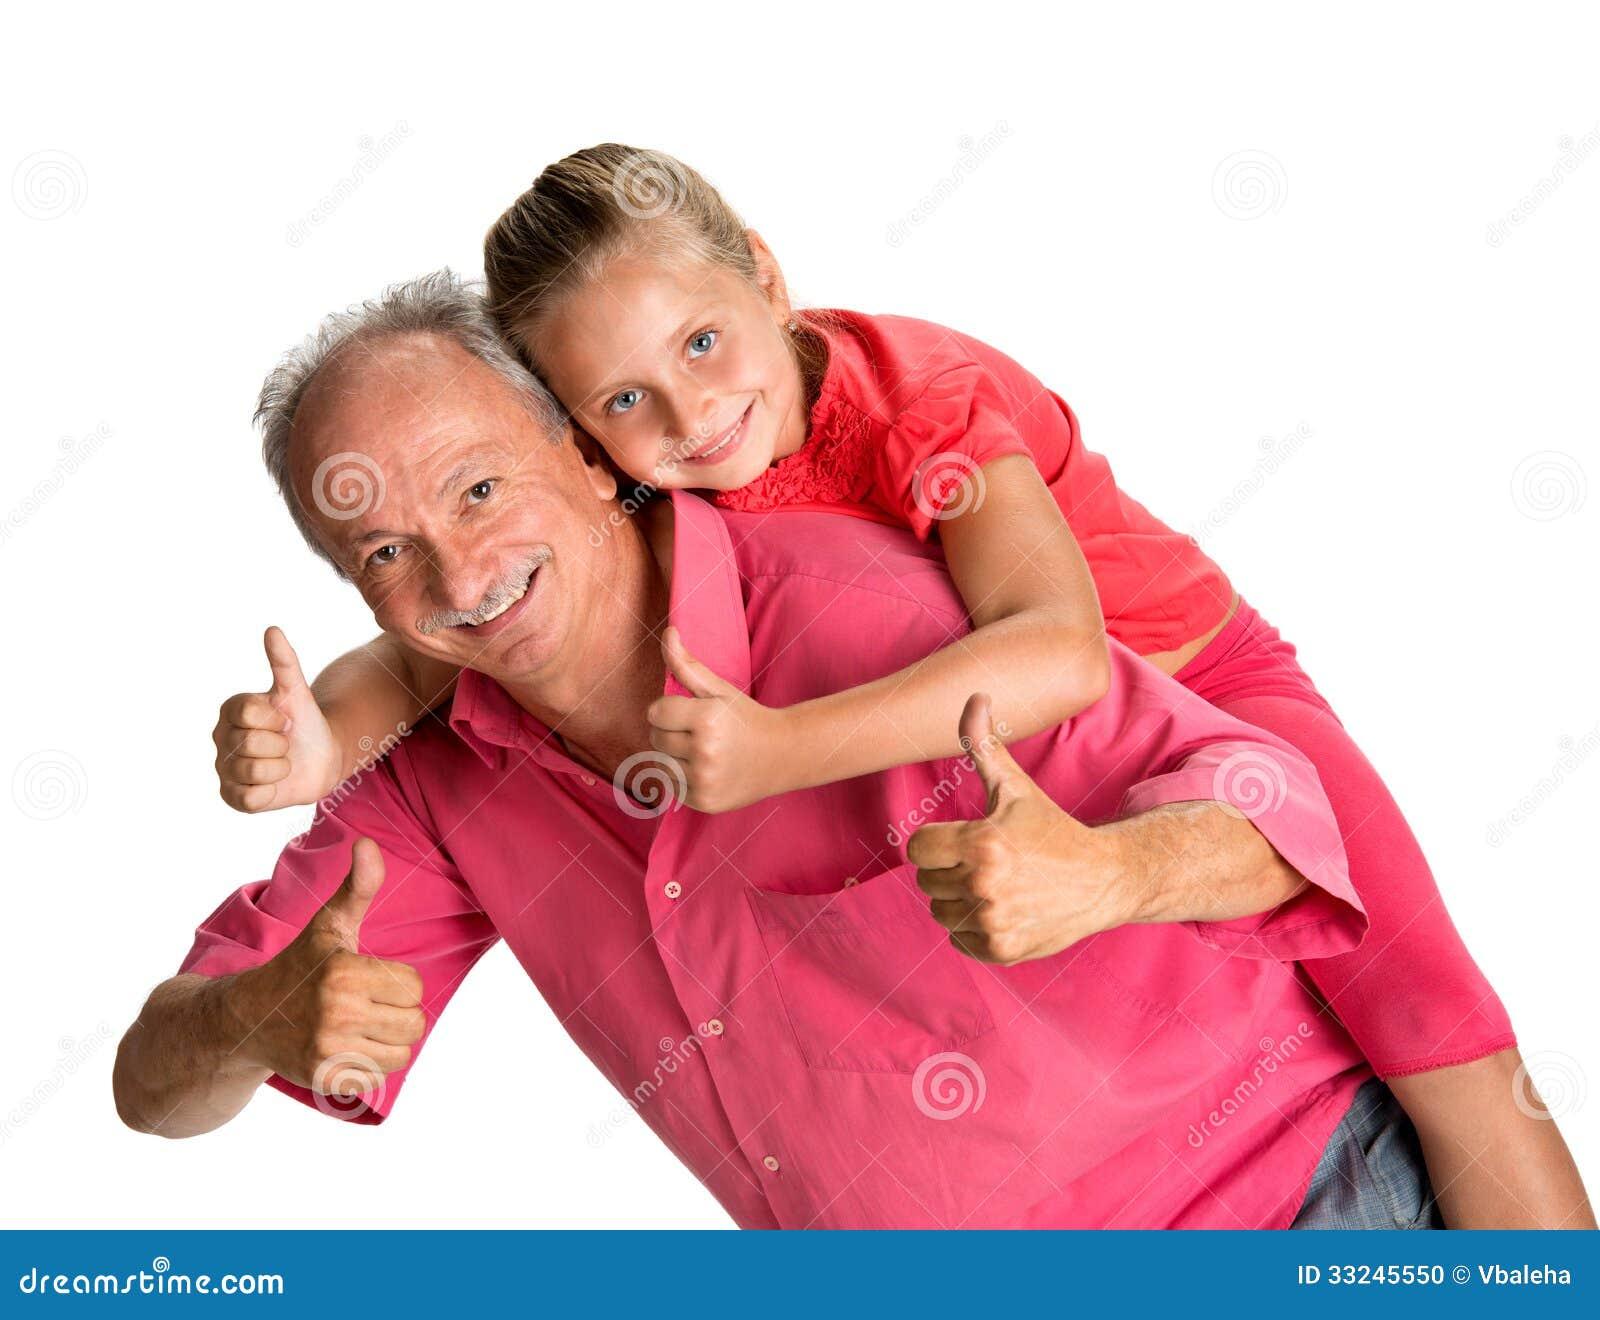 Portret van een klein meisje die op de rug van rit met haar grand genieten - Klein meisje idee ...